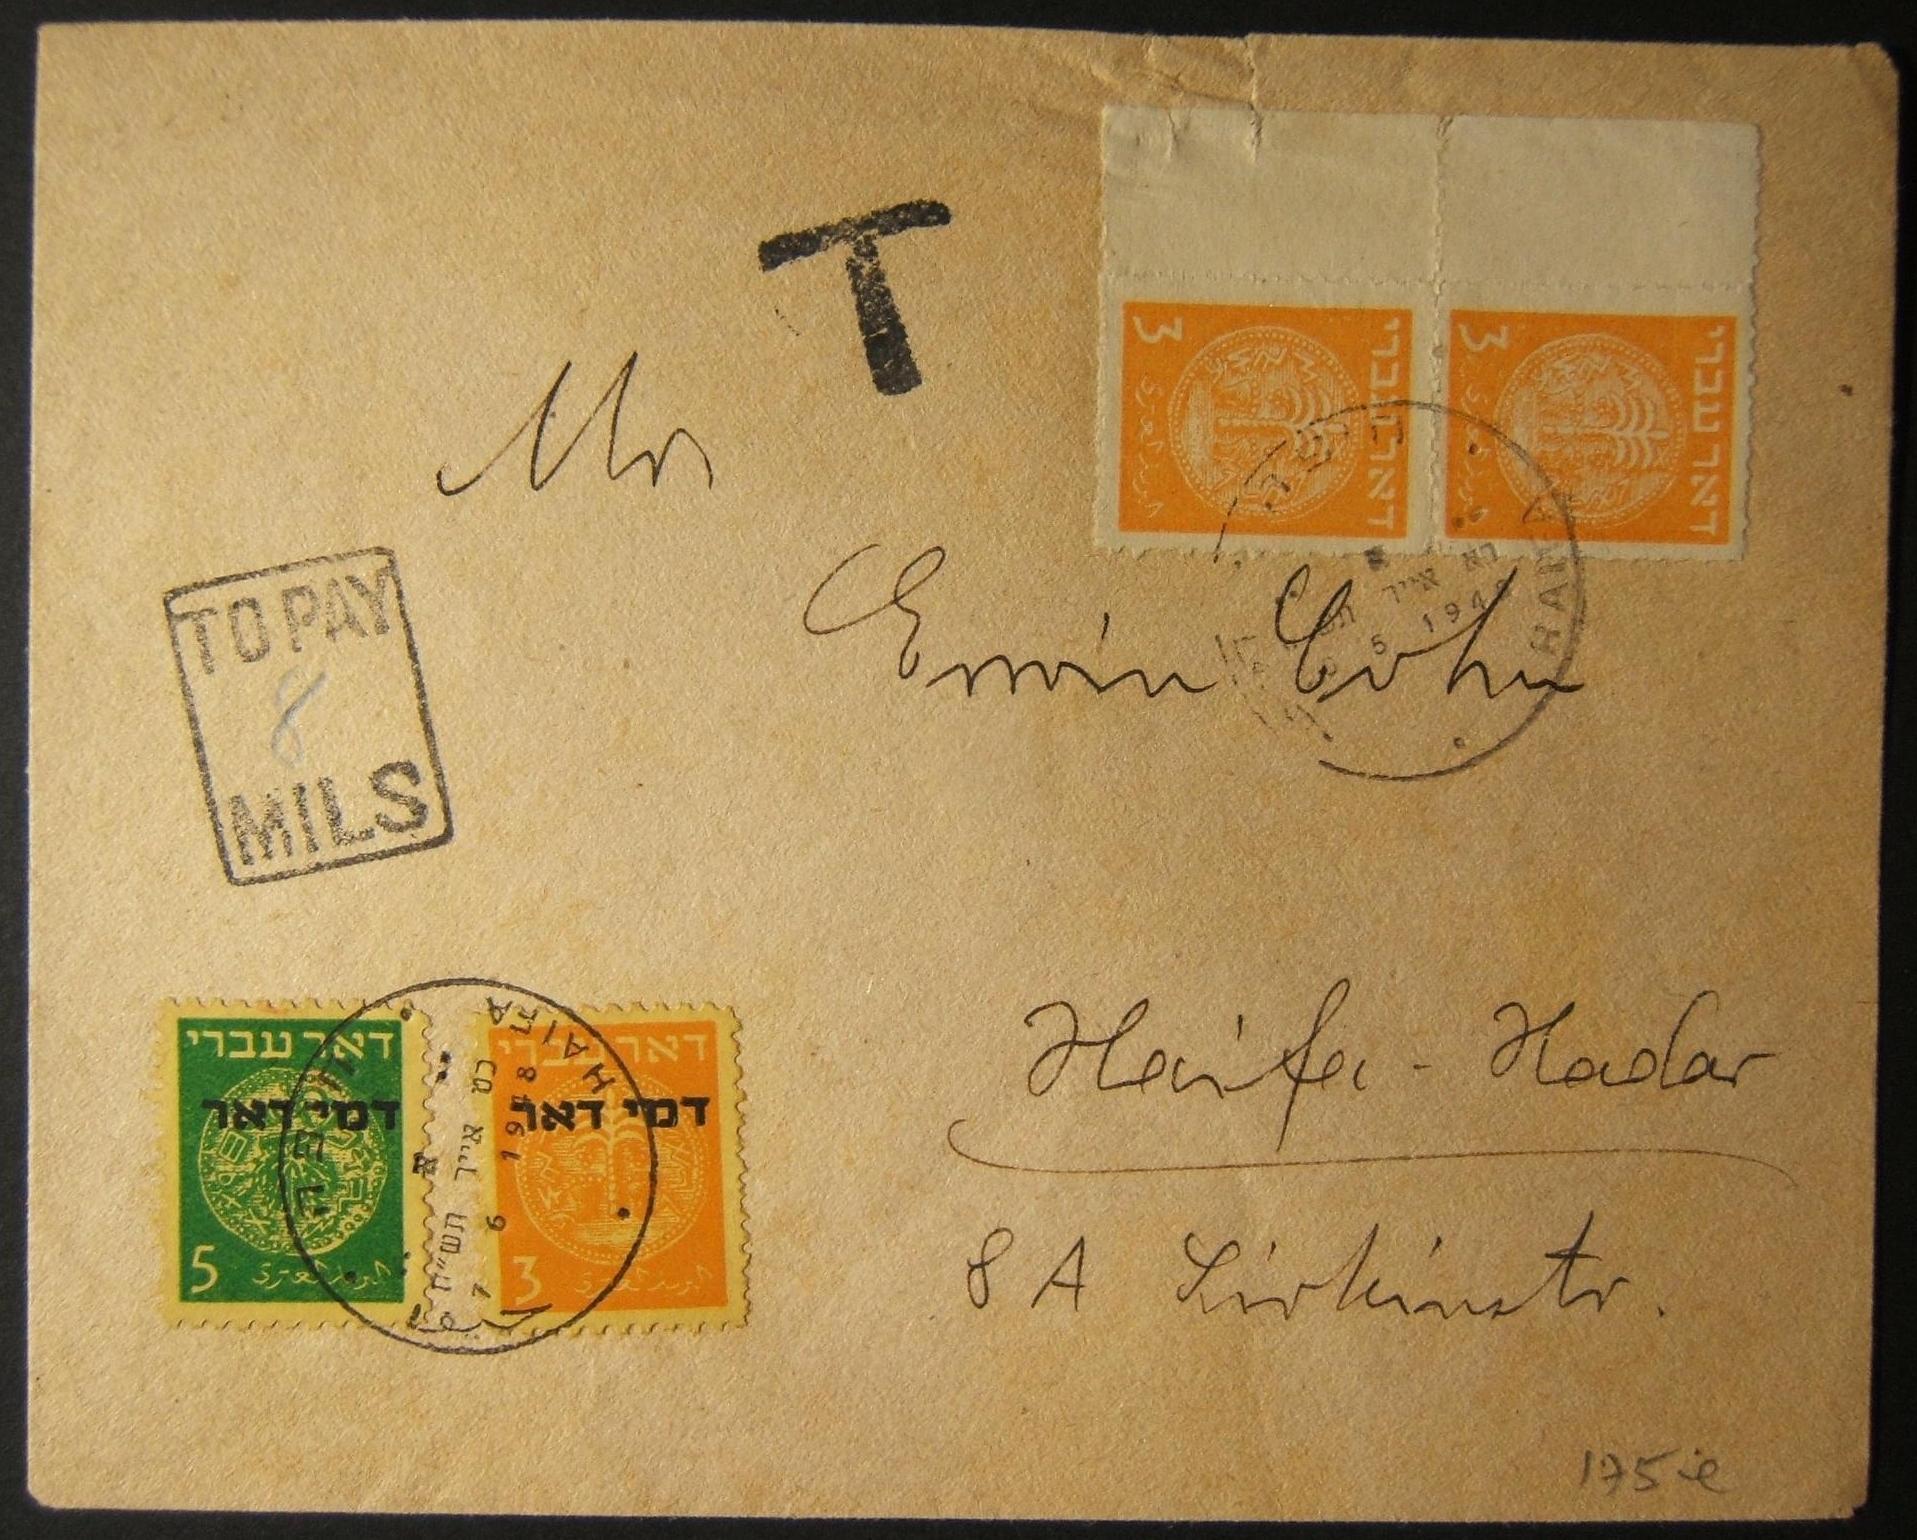 رسوم البريد الأولى في وقت مبكر صرحت على أقل من 30-5-1948 بريد هيفاء المحلية